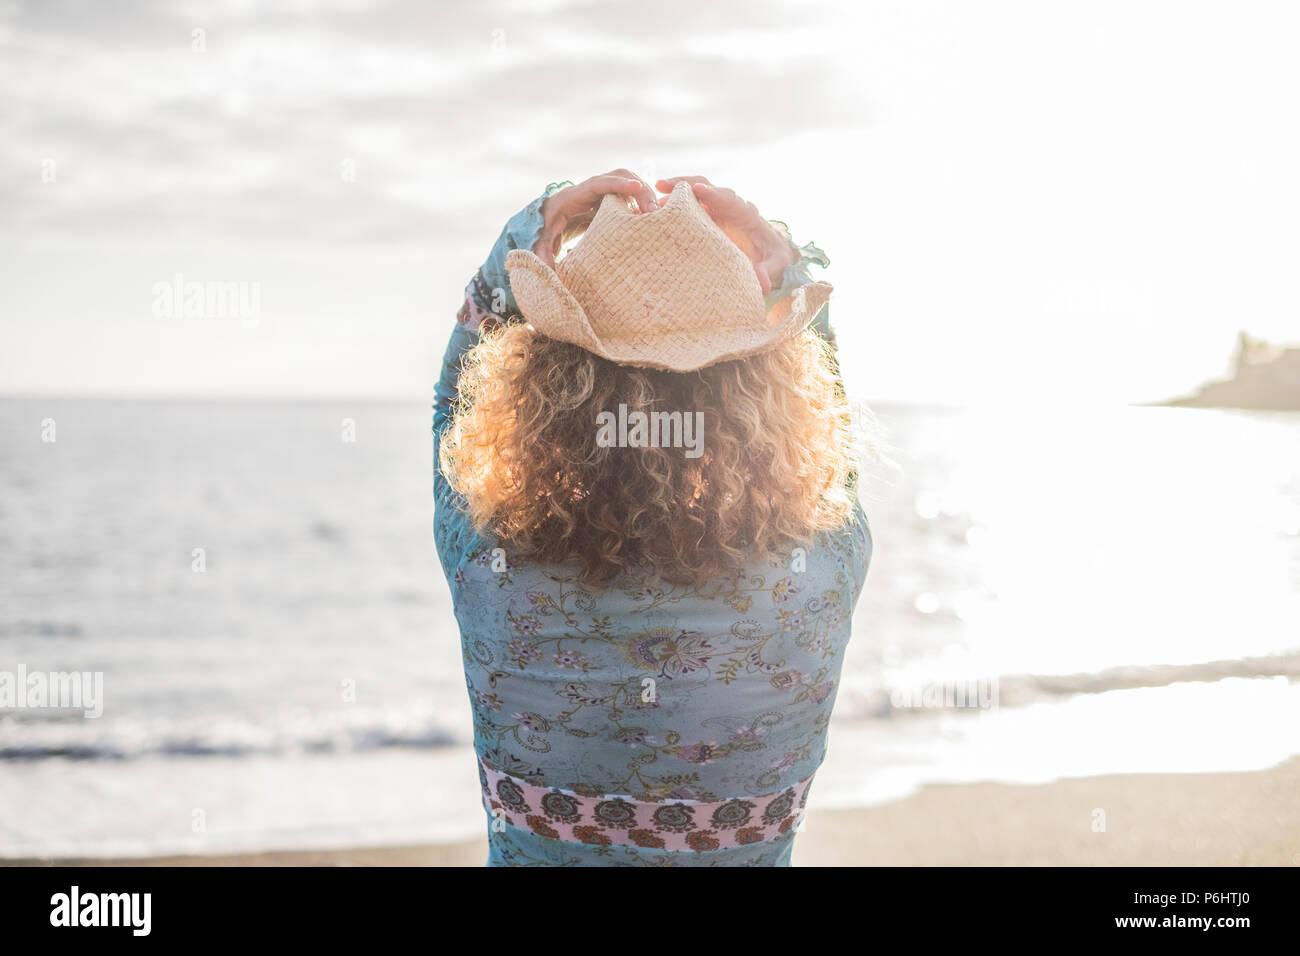 Libertà giovane donna con cappello cowboay davanti all'oceano godendo le vacanze e uno stile di vita all'aperto. L'estate la luce del sole e le onde elettromagnetiche e spirito del viaggiatore Immagini Stock